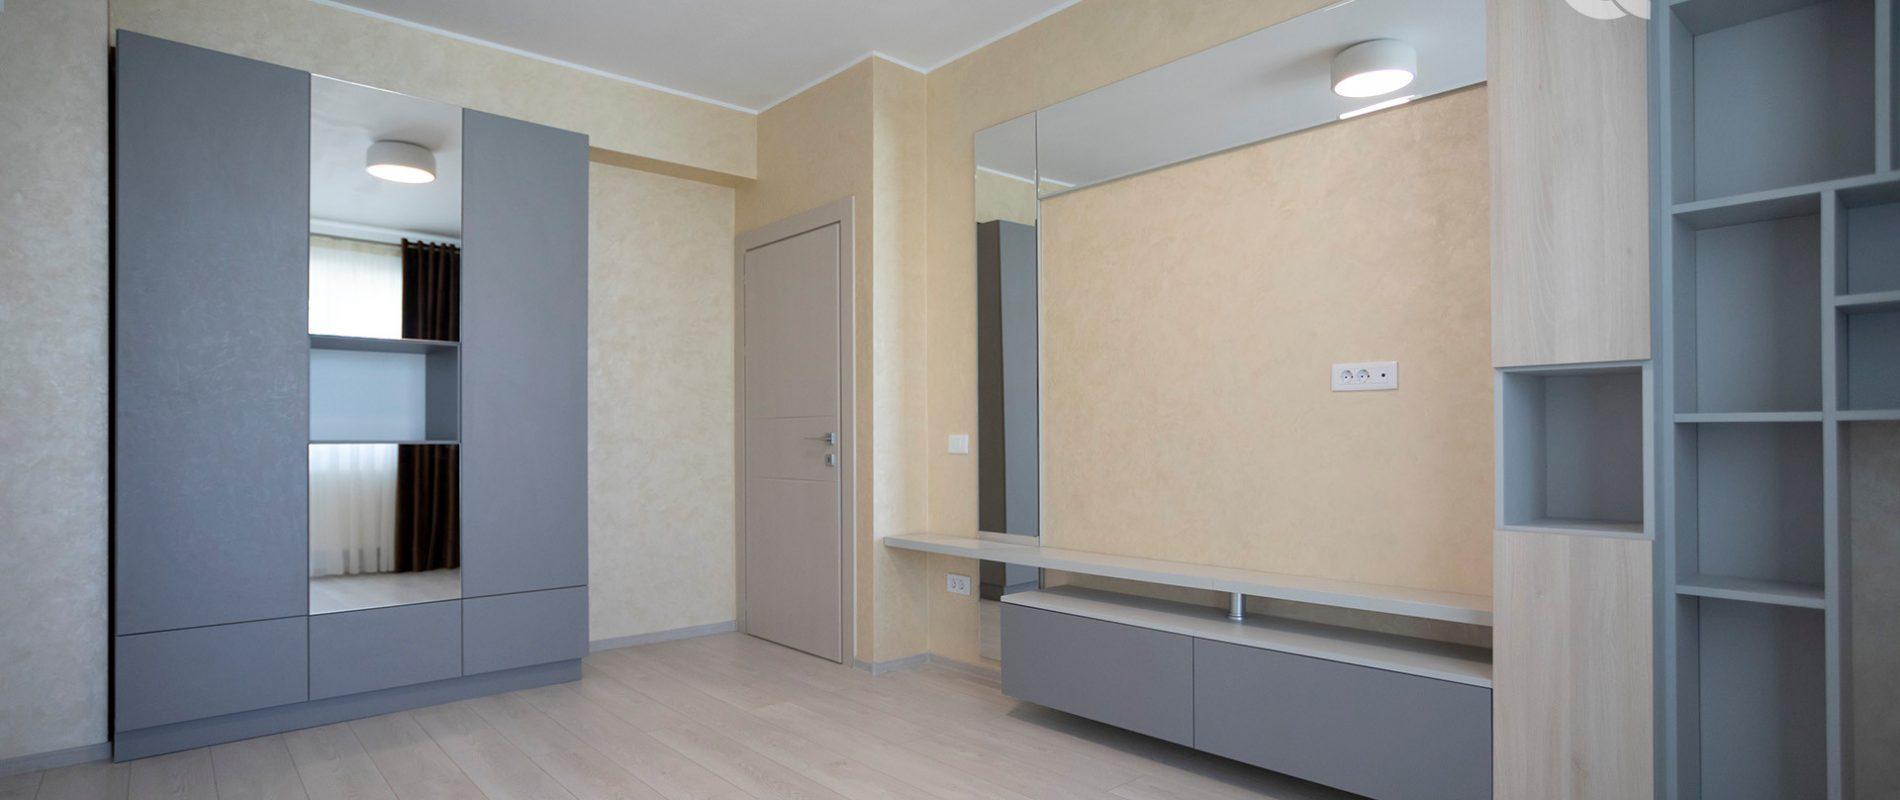 q-residence-apartament-cu-o-camera-mobilier-modern-camera-07